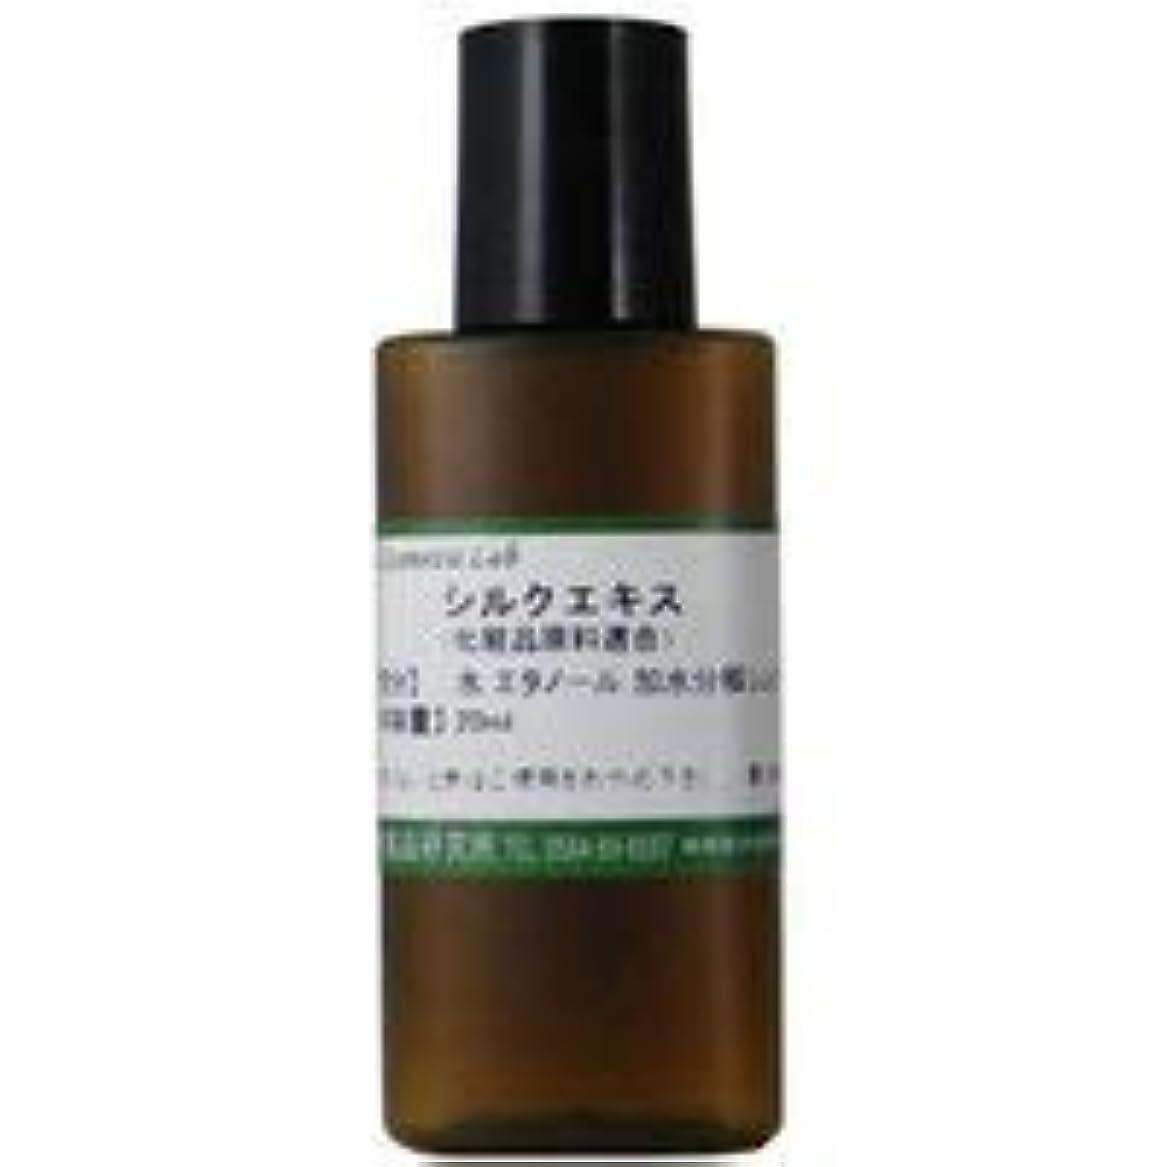 メロディアス幸運なソファーシルクエキス 20ml 【手作り化粧品原料】